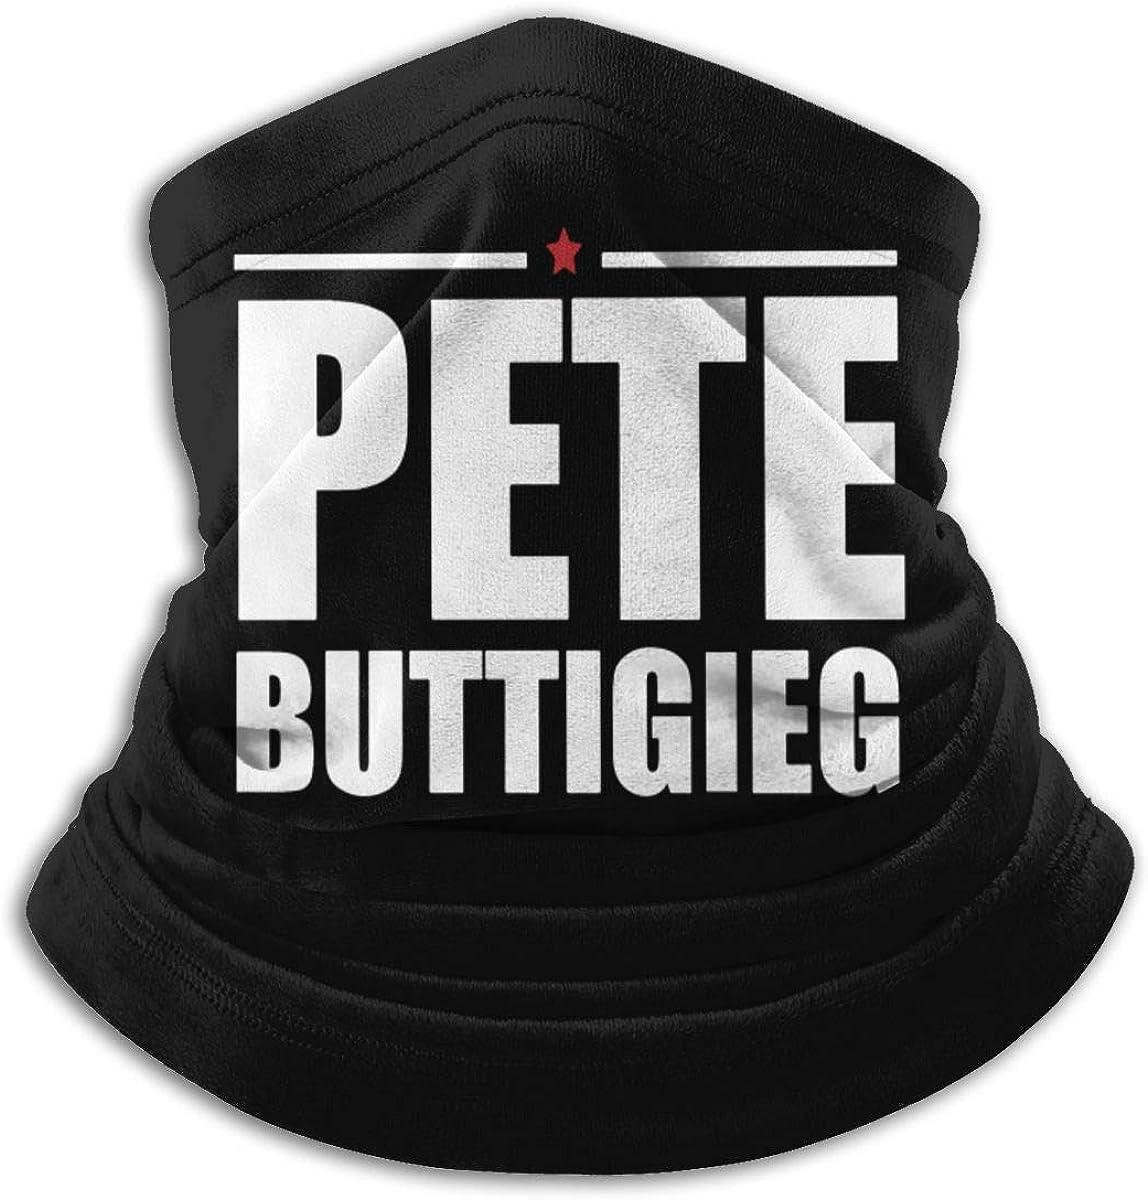 Pete Buttigieg 2020 Black Multi-function Neck Warmer Gaiter Polyester Neck Warmer Windproof Winter Neck Gaiter Cold Weather Scarf For Men Women